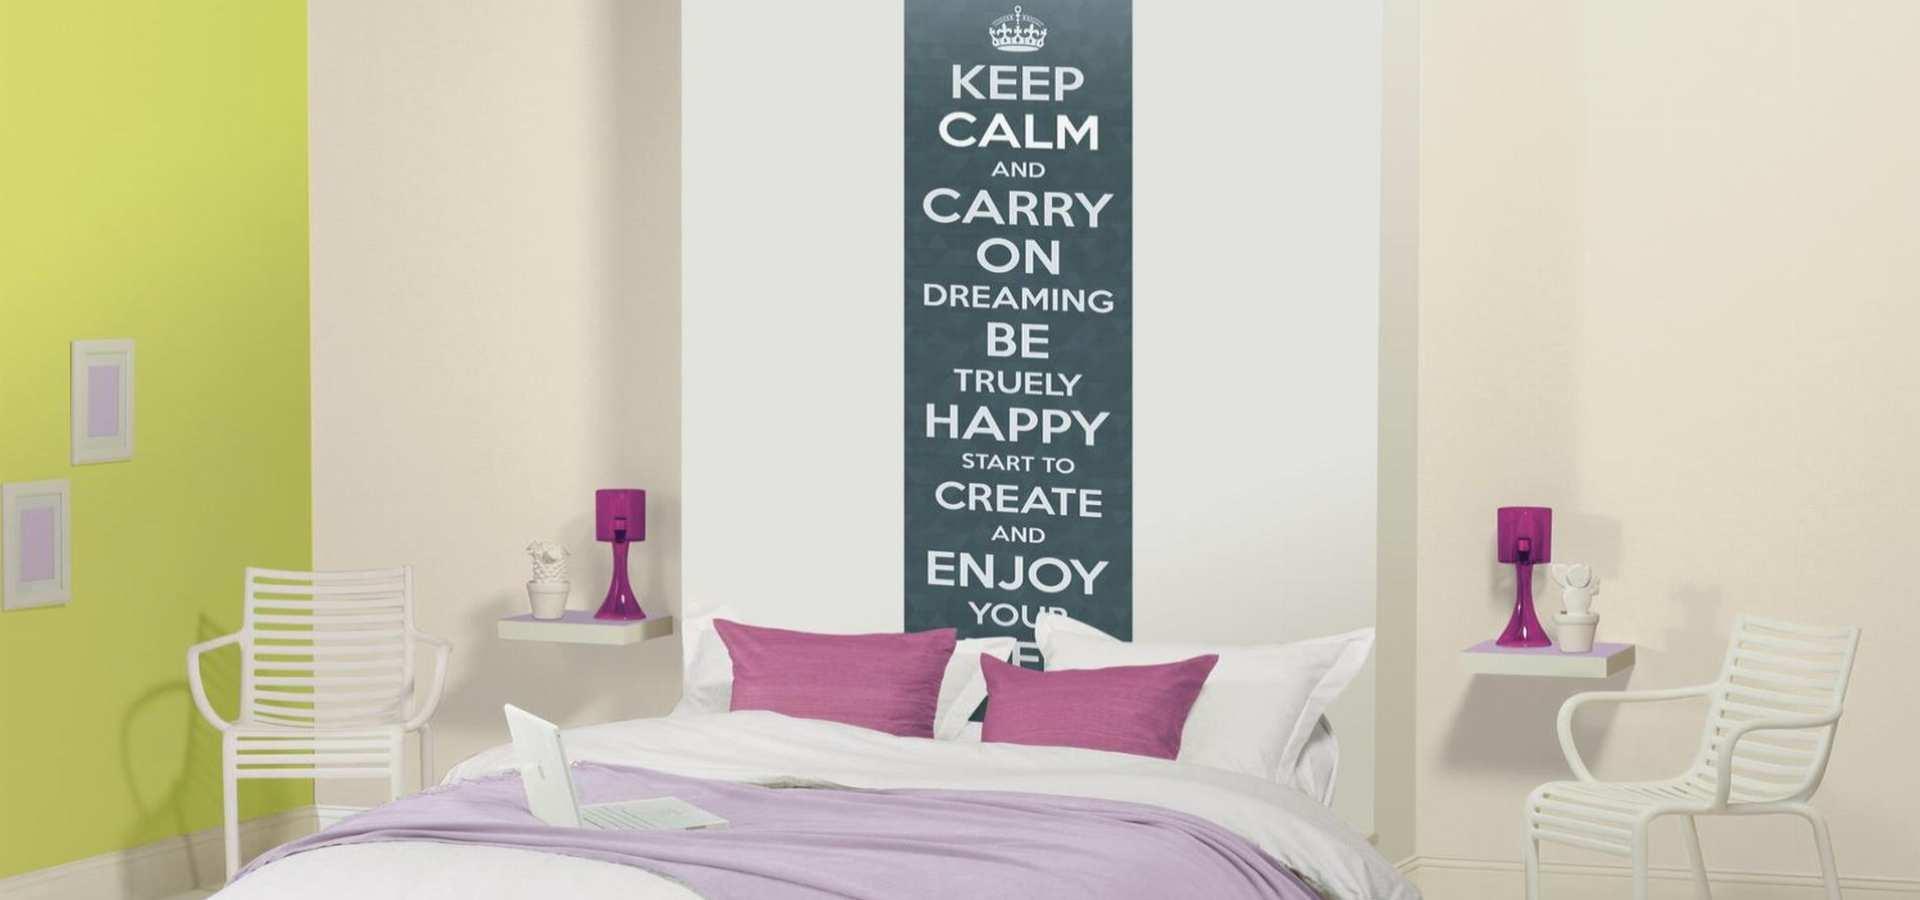 Bild Schlafzimmer Tapete Cool Dream